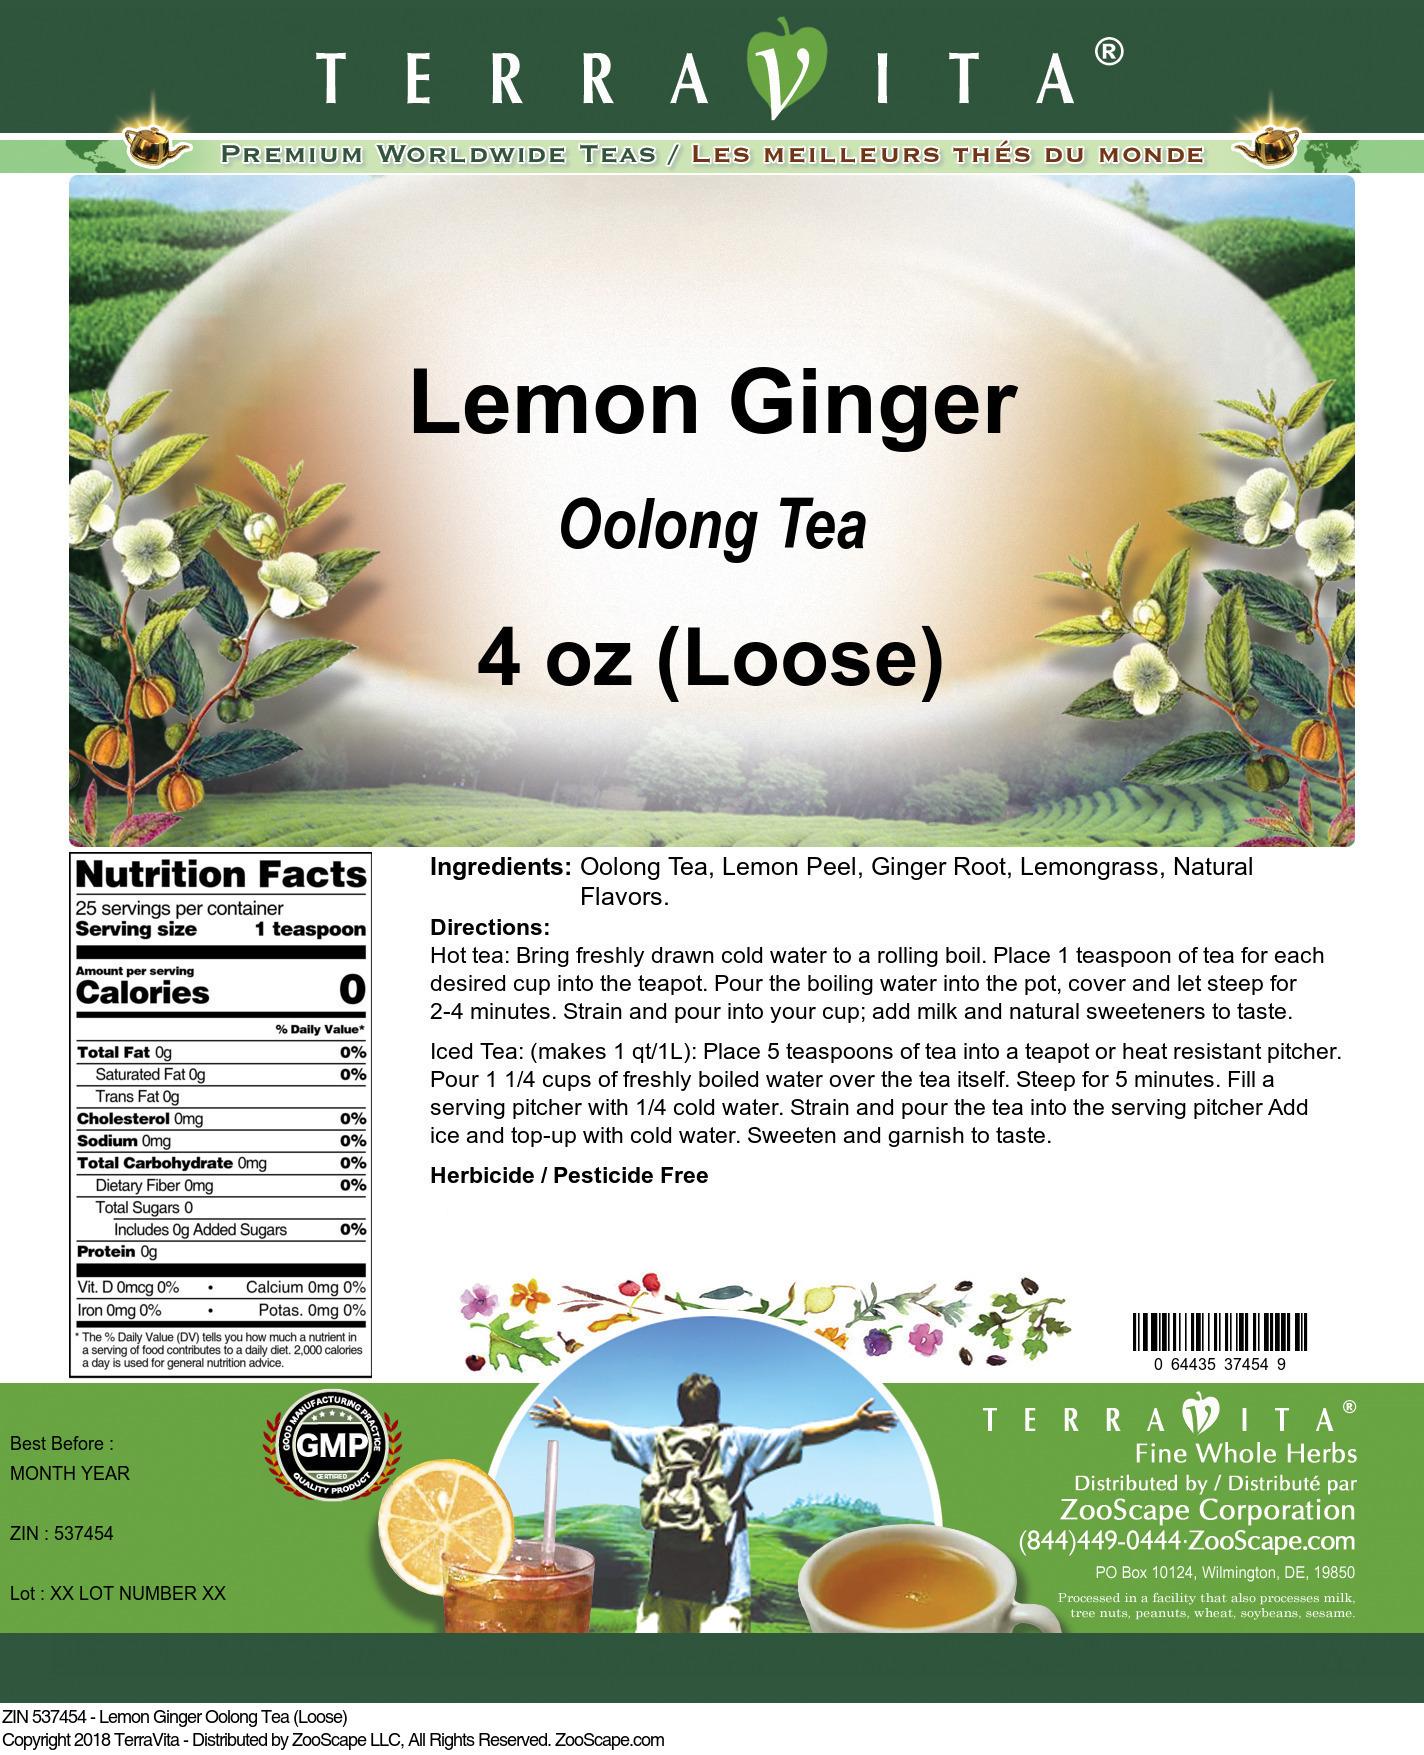 Lemon Ginger Oolong Tea